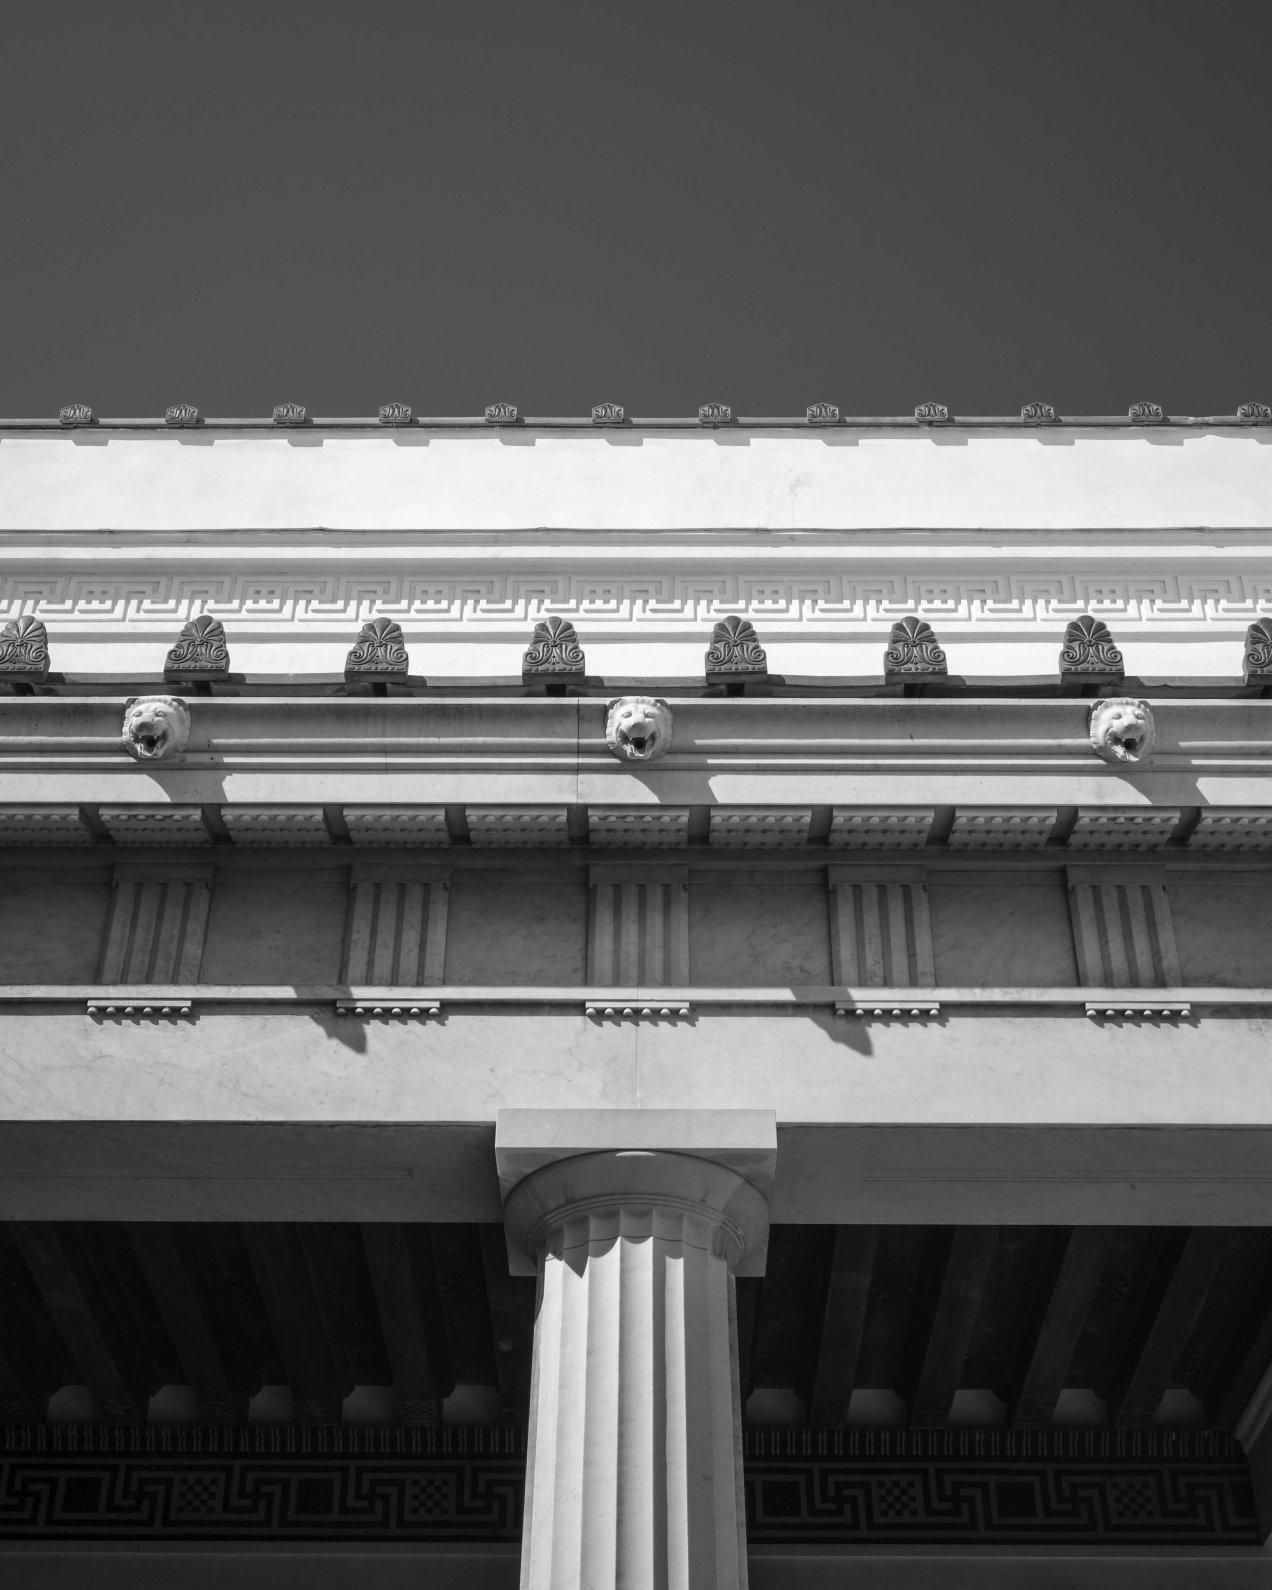 kérylos, détail d'architecture, gildalliere, 2017.jpg